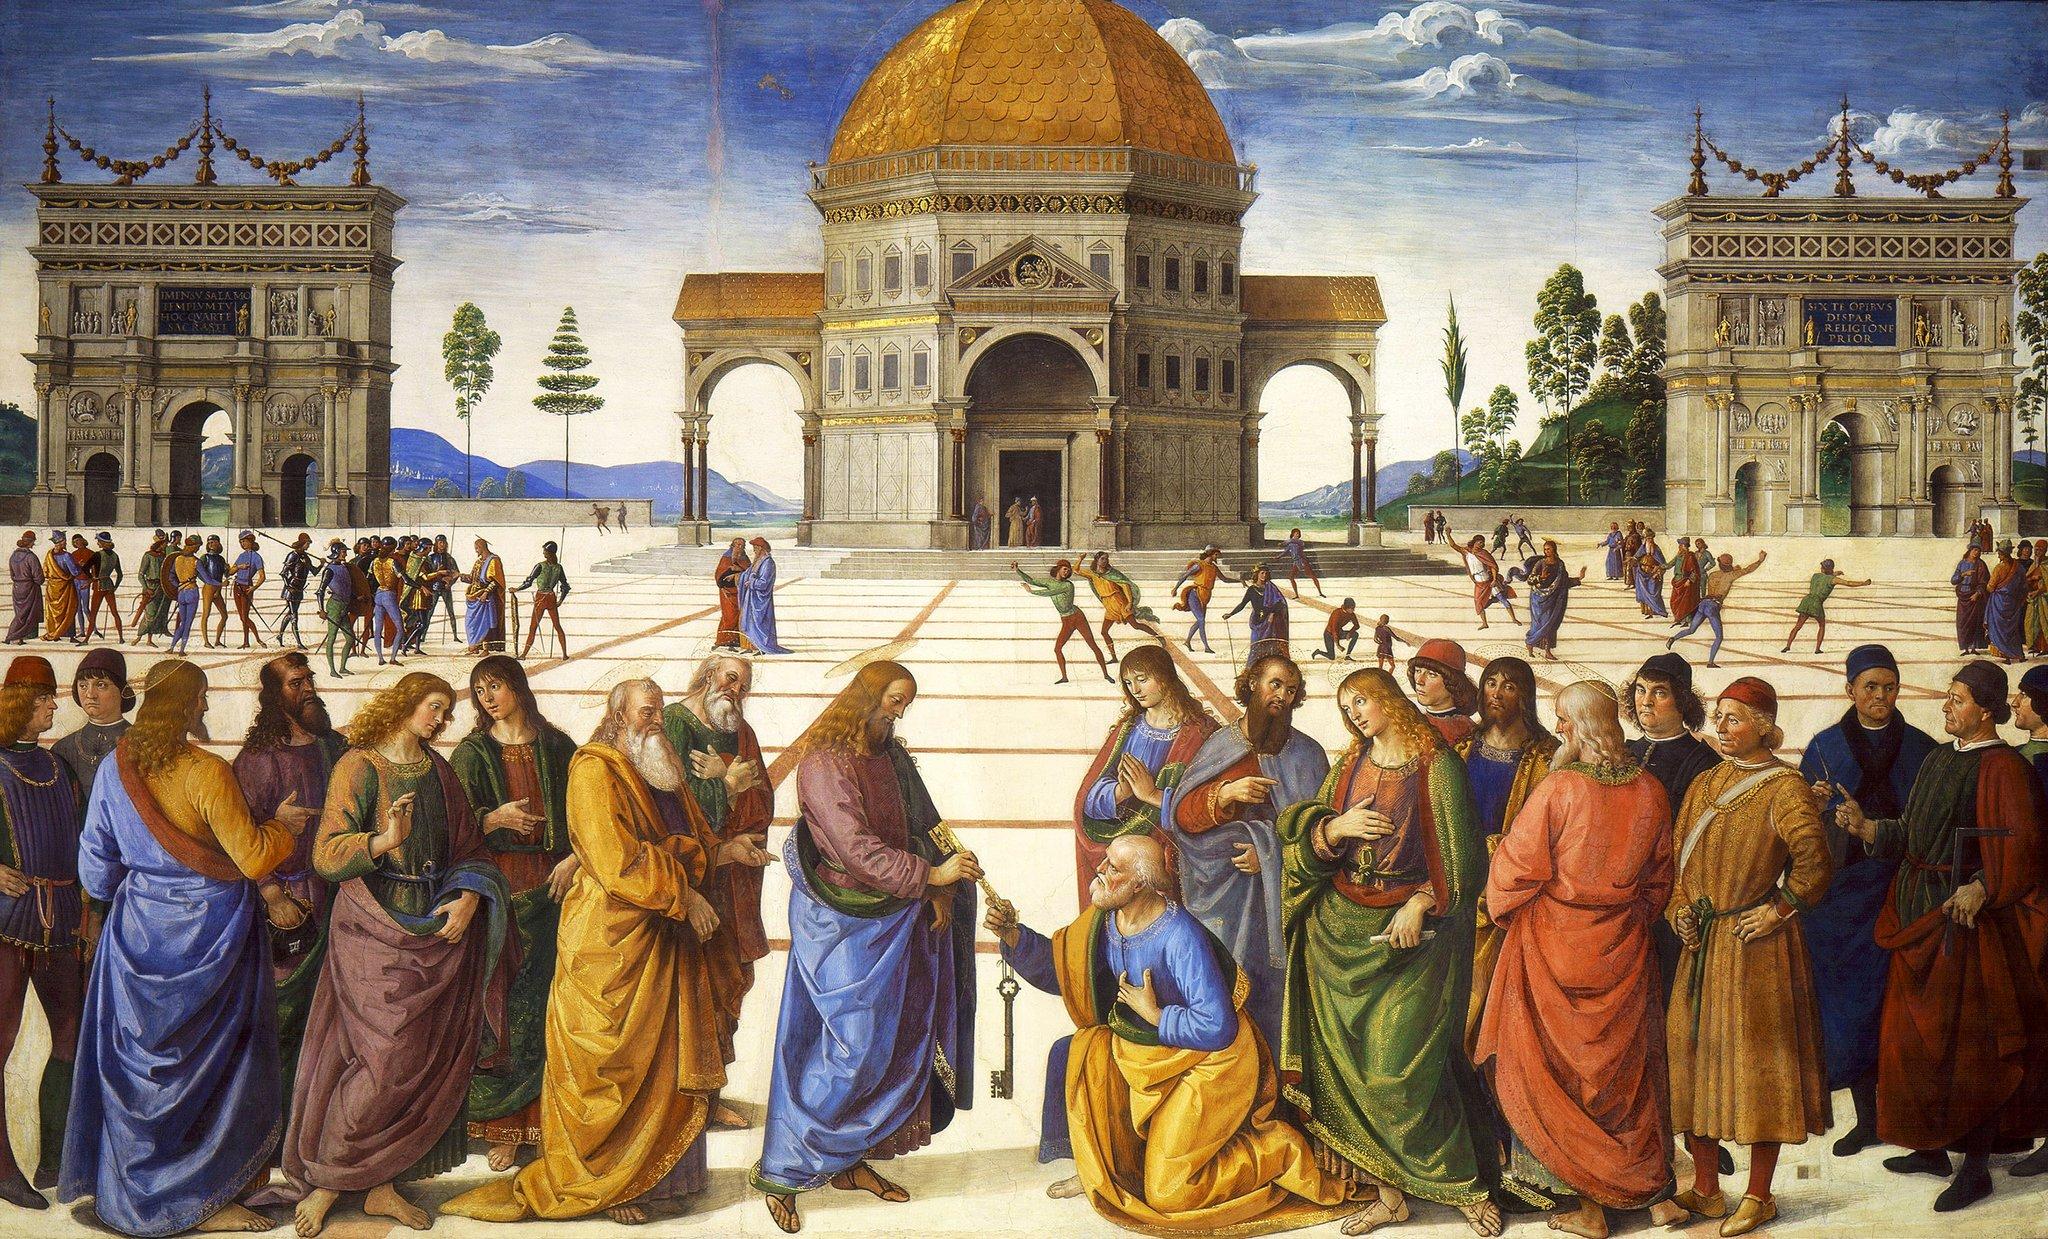 Wręczenie kluczy św. Piotrowi Źródło: Pietro Perugino, Wręczenie kluczy św. Piotrowi, 1481–1482, fesk, Kaplica Sykstyńska wWatykanie, domena publiczna.